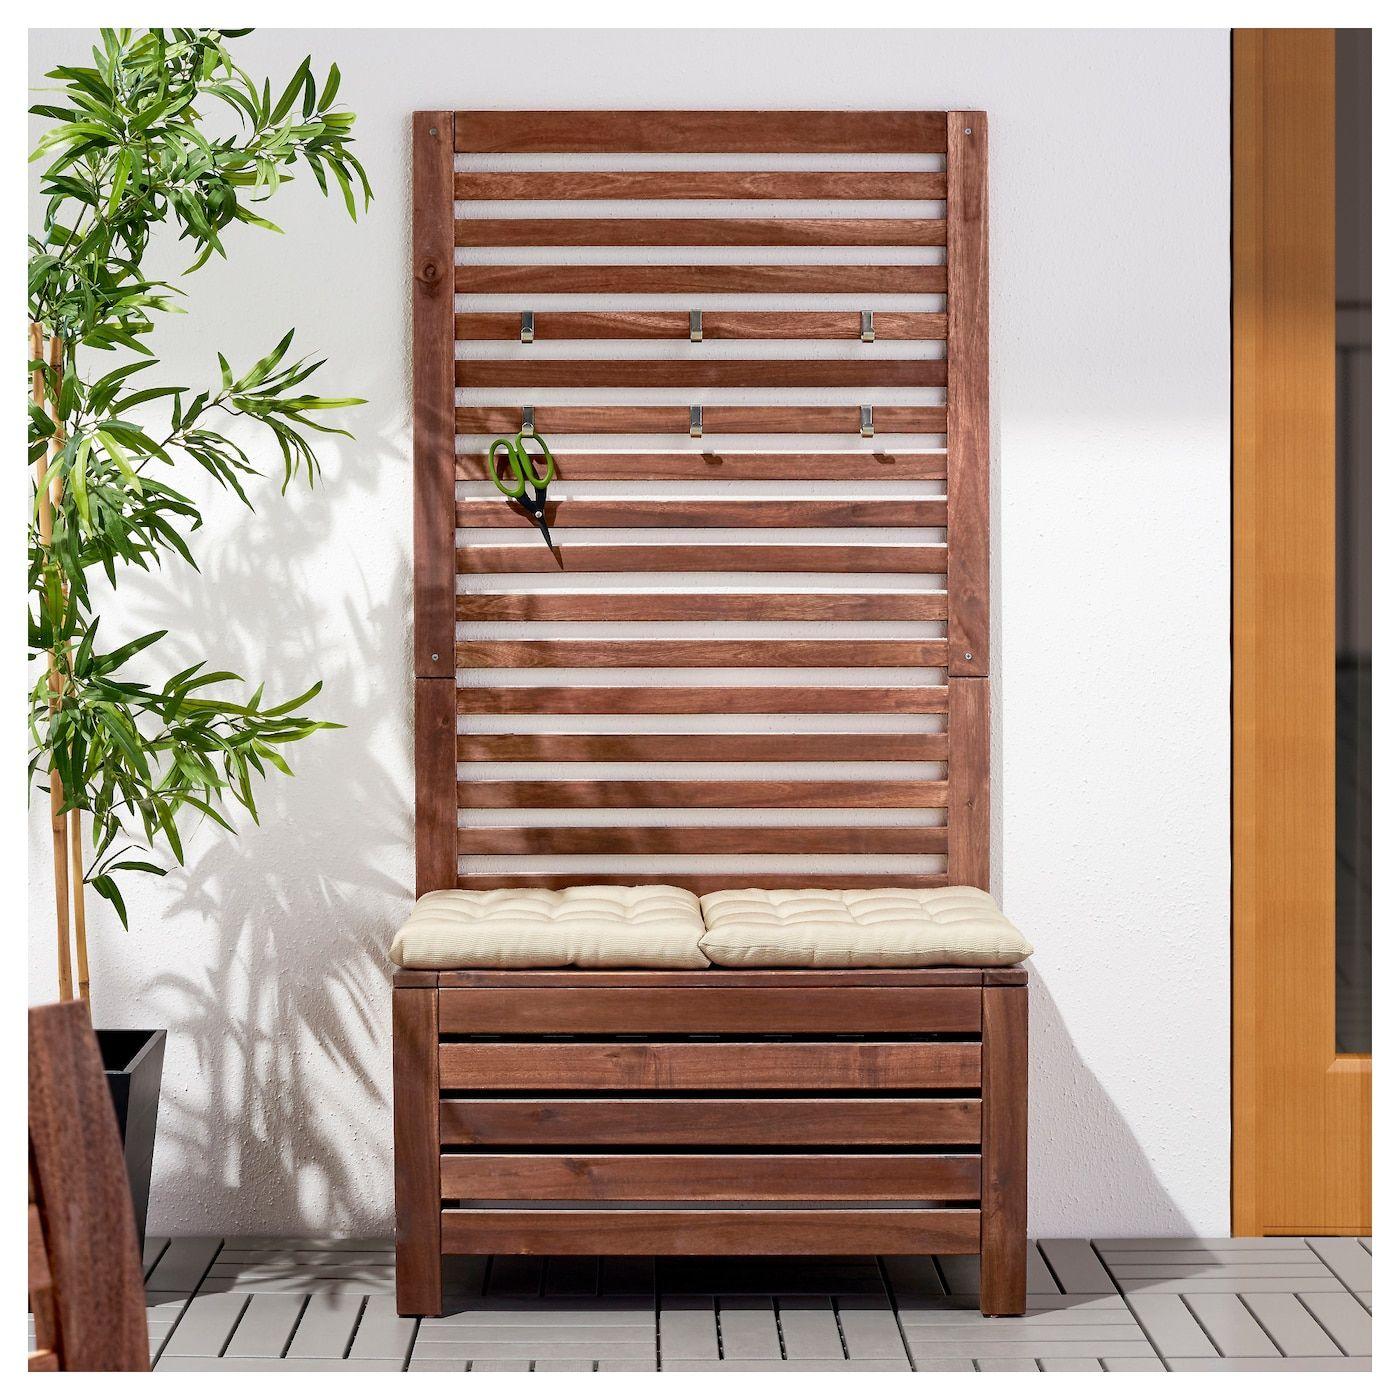 Full Size of Paravent Balkon Ikea Pplar Bank Wandpaneel Auen Braun Las Küche Kaufen Garten Kosten Modulküche Miniküche Betten 160x200 Bei Sofa Mit Schlaffunktion Wohnzimmer Paravent Balkon Ikea